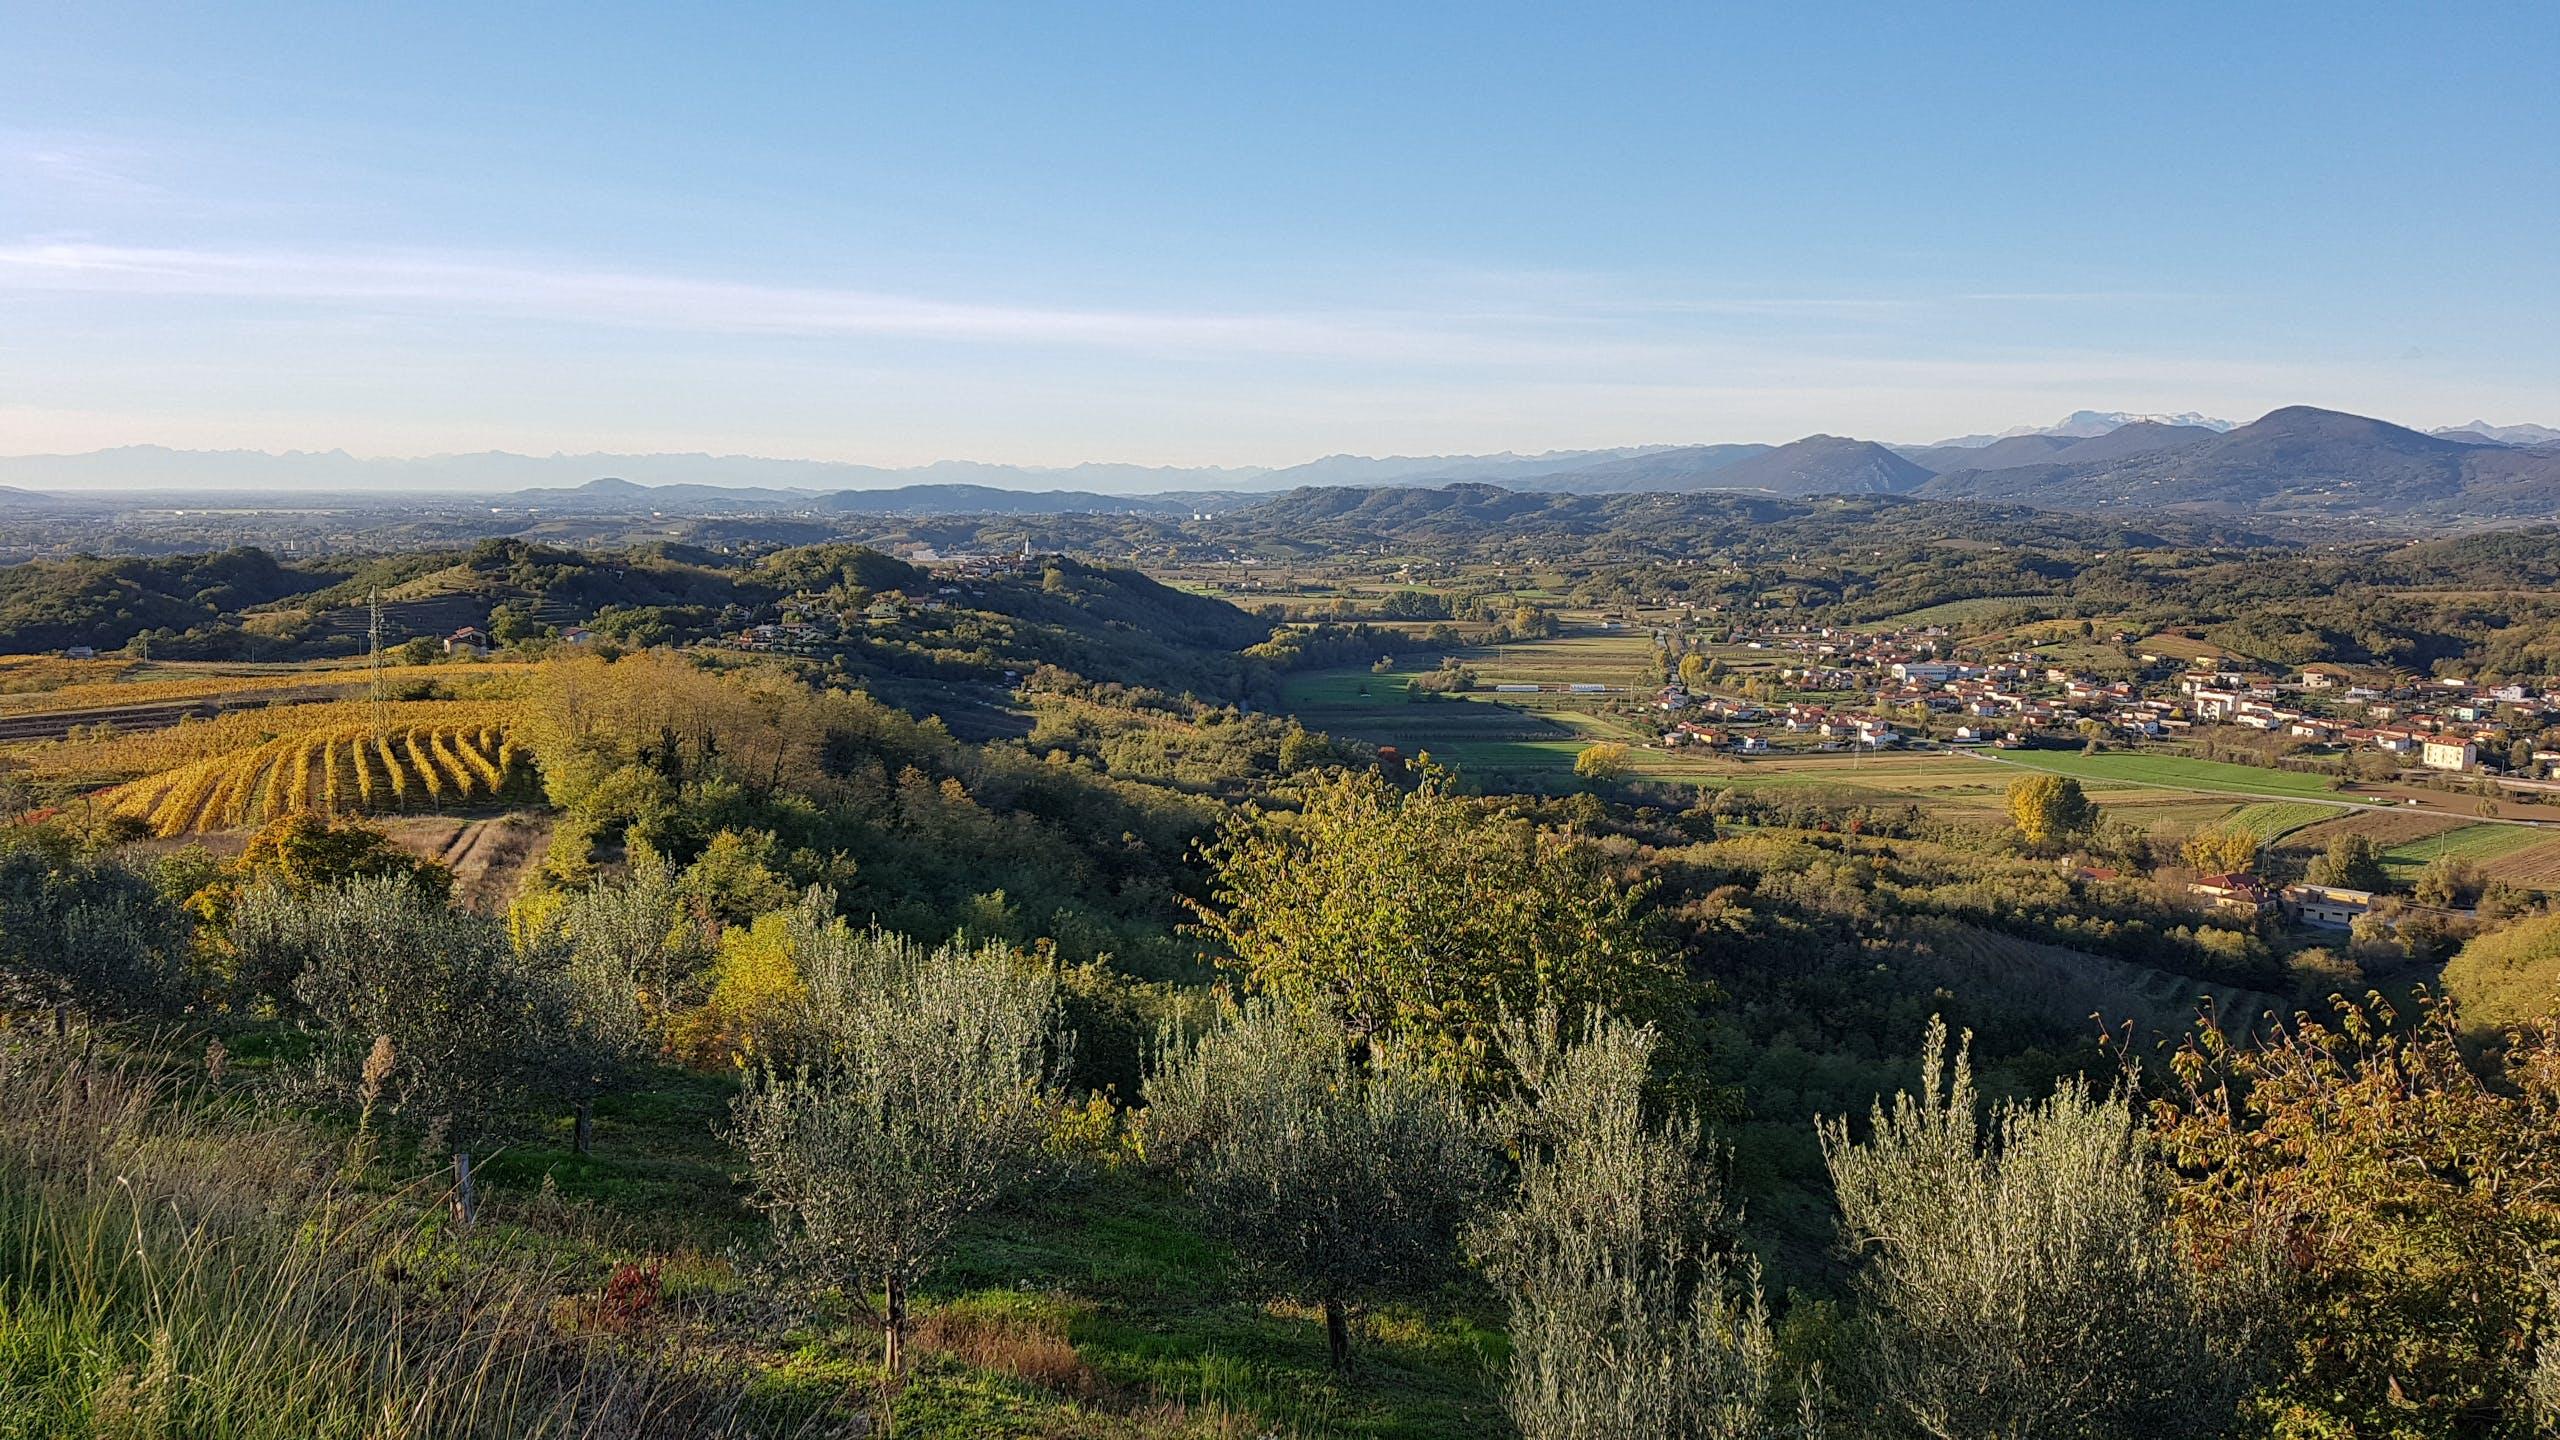 campo, colina, montaña